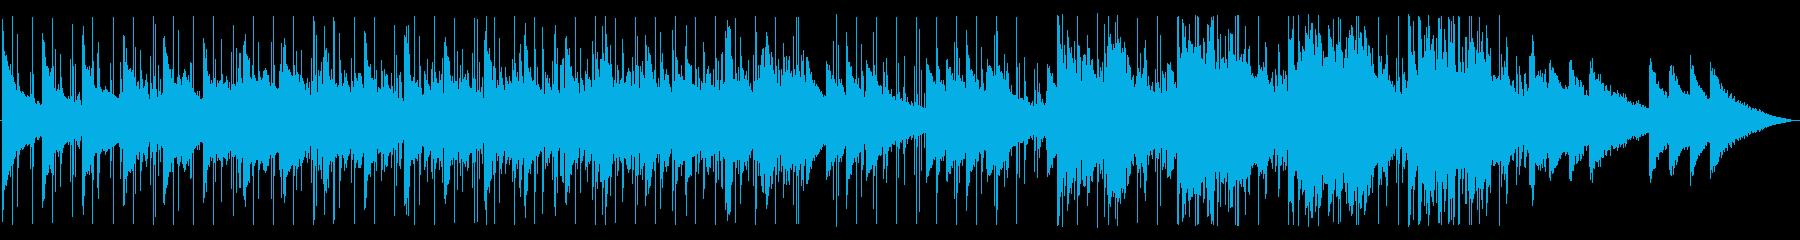 夏にクールダウンできそうなおしゃれ目な曲の再生済みの波形